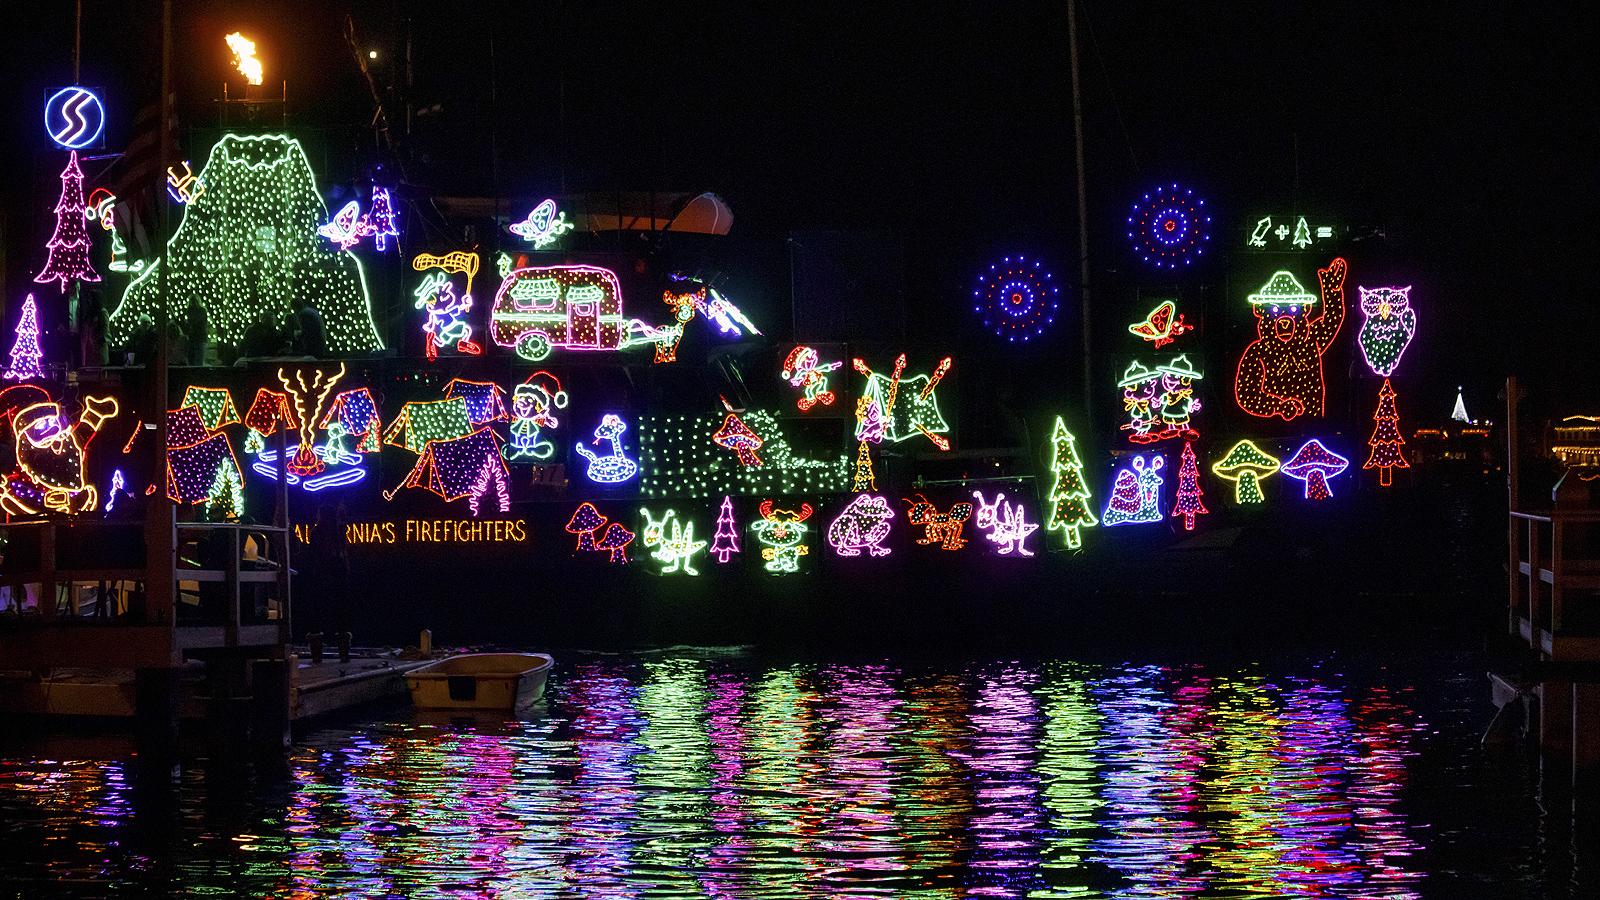 110-и коледен парад в Нюпорт Бийч, Калифорния, САЩ. В традиционния коледен парад се включват близо сто яхти и лодки, като всяка година привлича до един милион посетители.